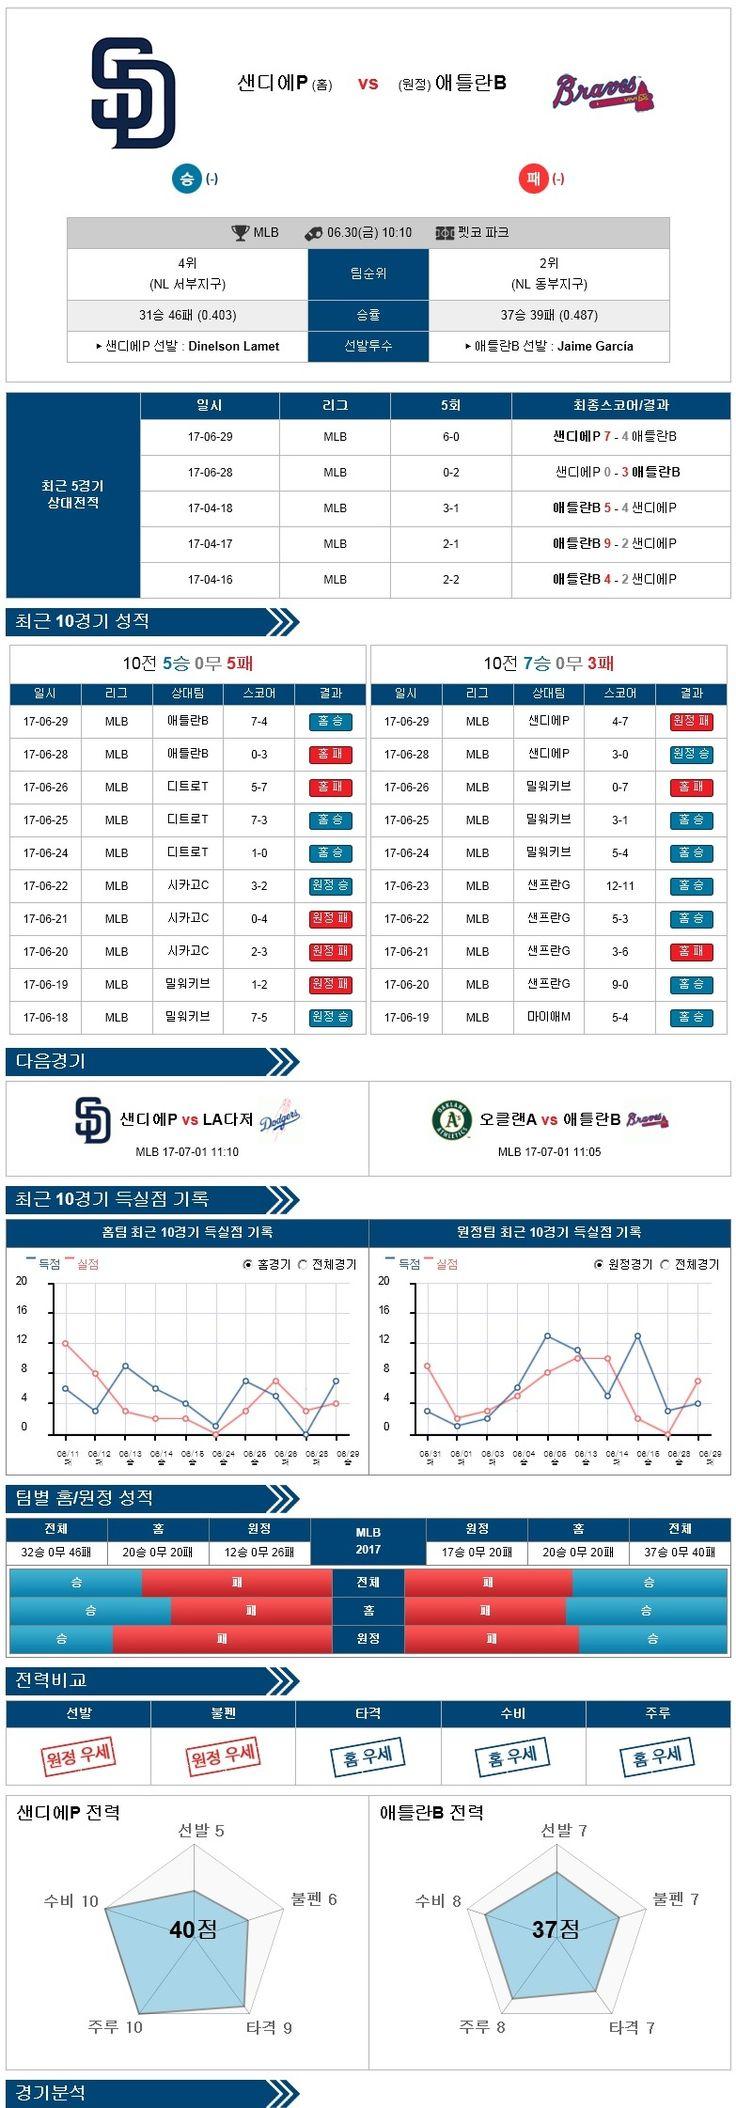 [MLB] 6월 30일 야구분석픽 샌디에이고 vs 애틀랜타 ★토토군 분석픽★